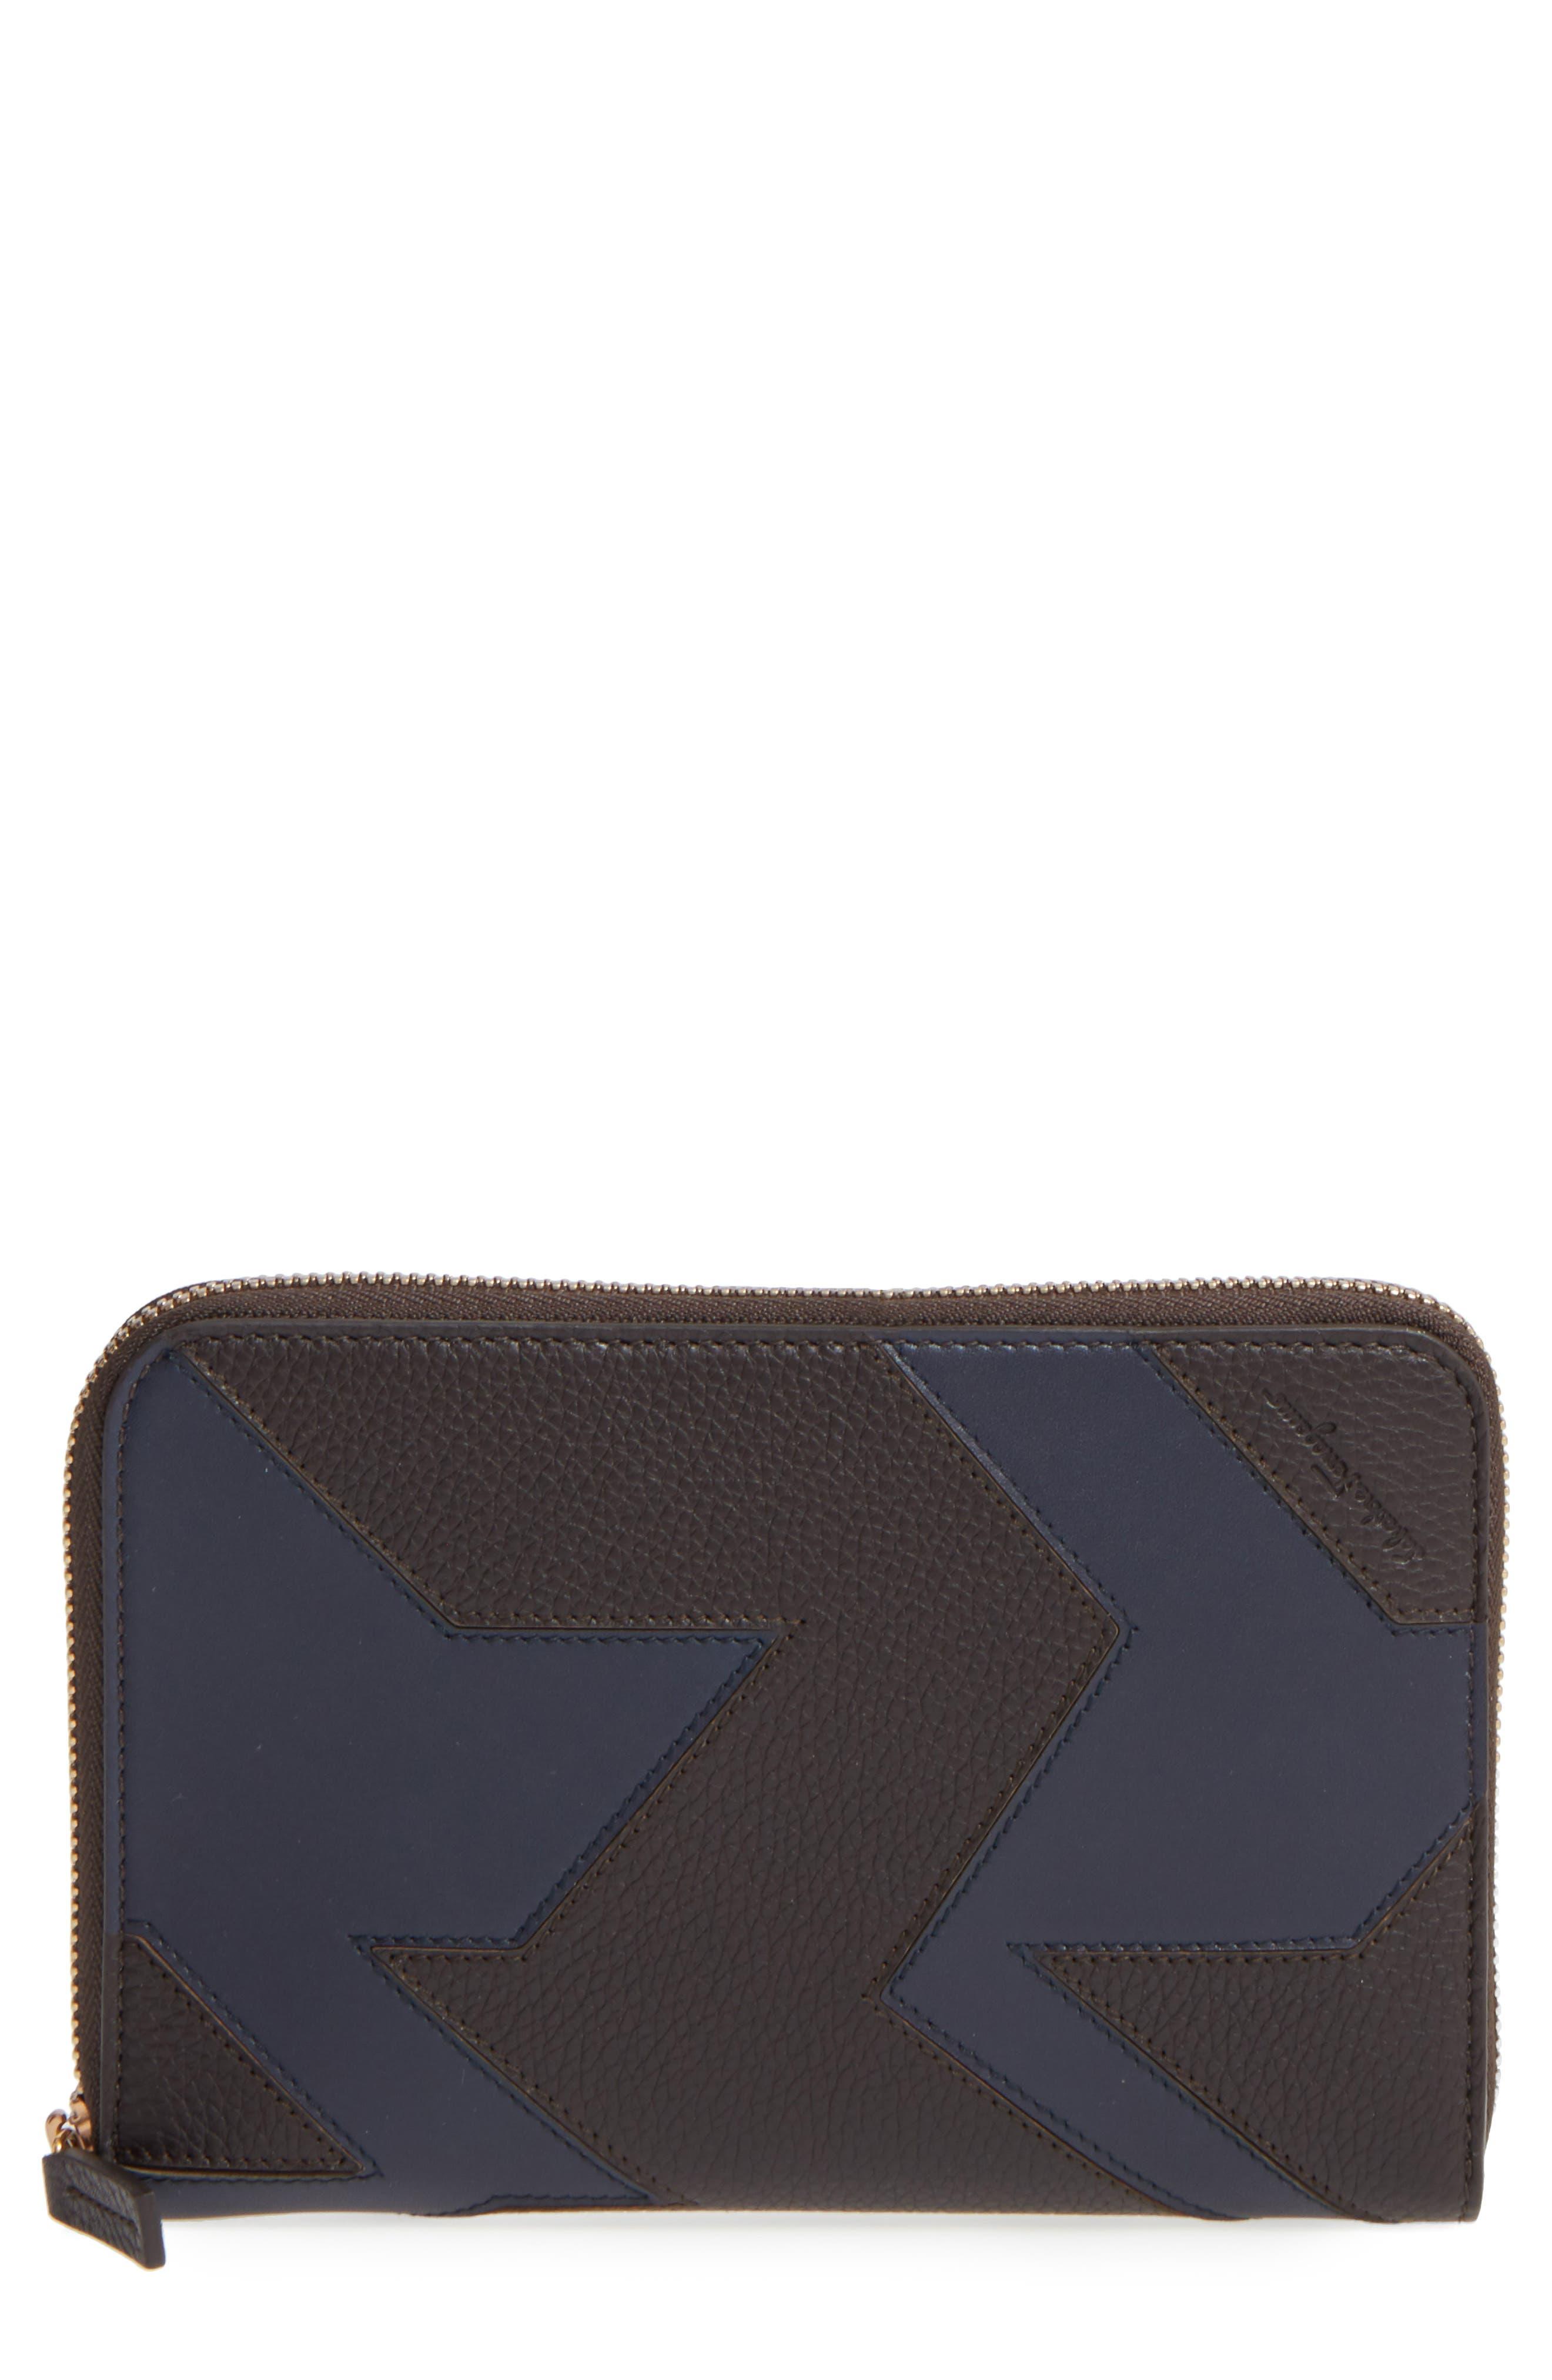 Zip Wallet,                             Main thumbnail 1, color,                             245